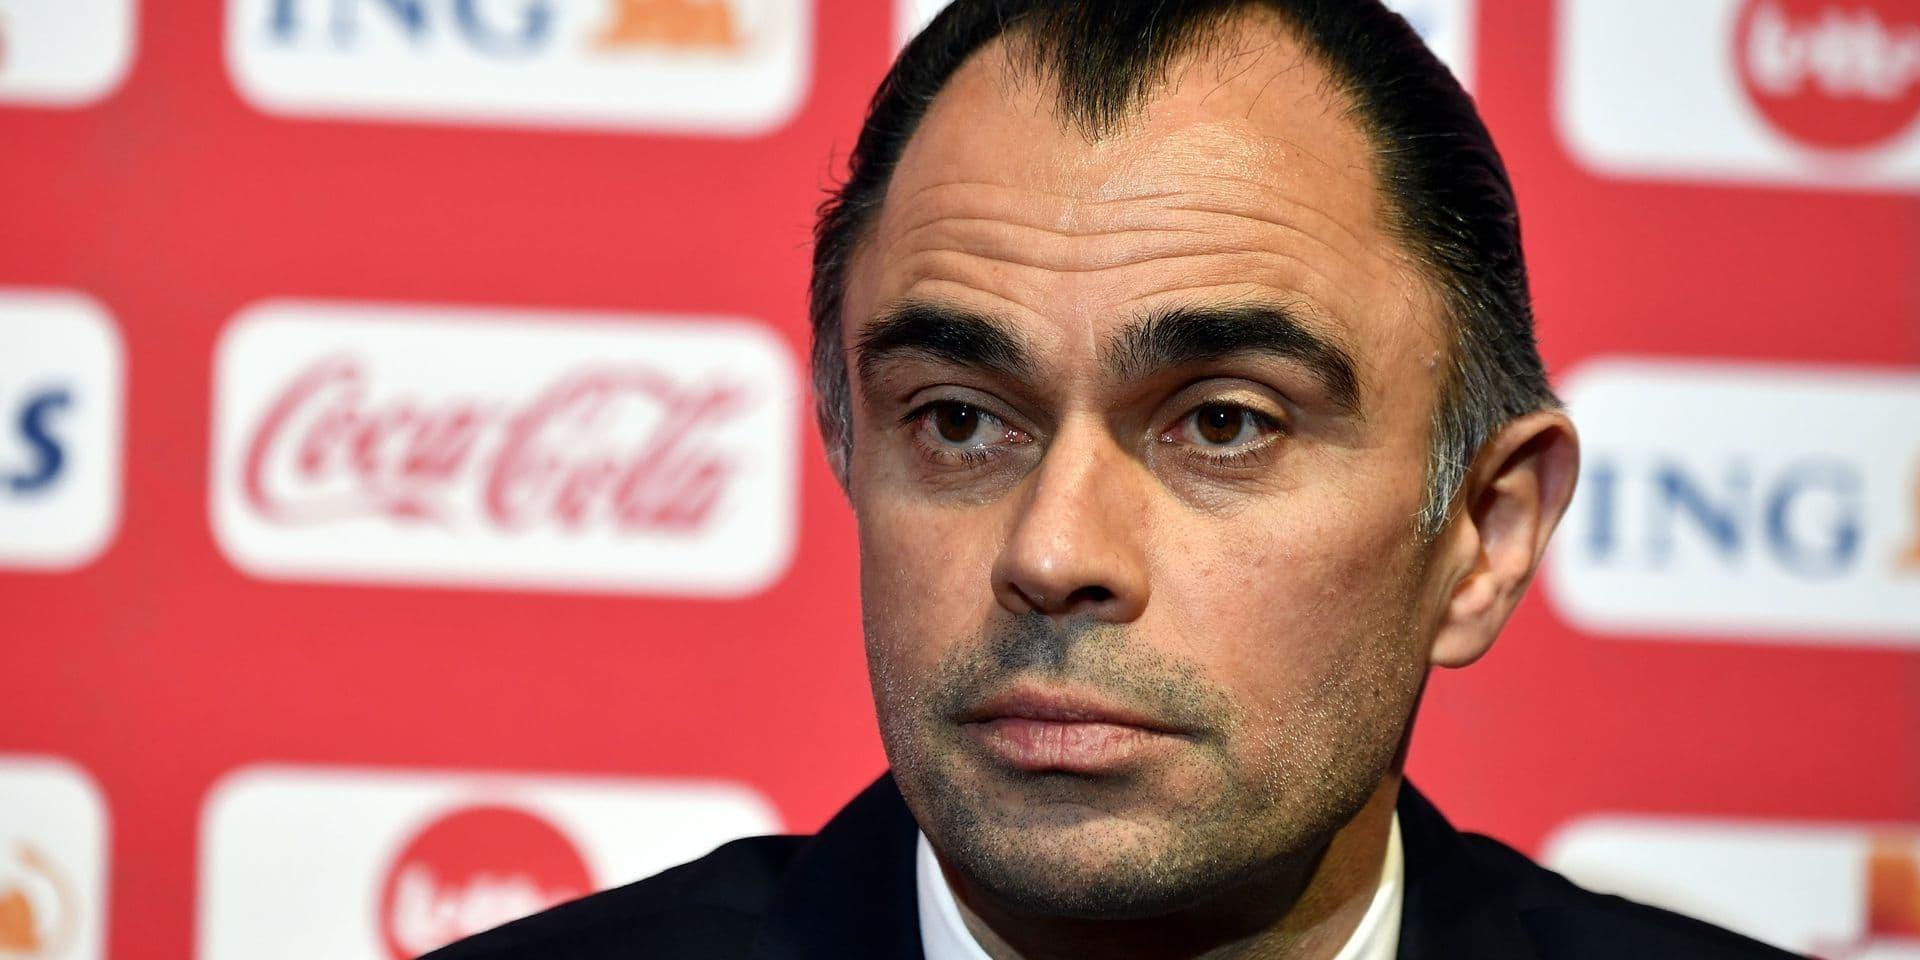 Johan Walem quitte son poste de sélectionneur des Diablotins pour devenir coach de Chypre